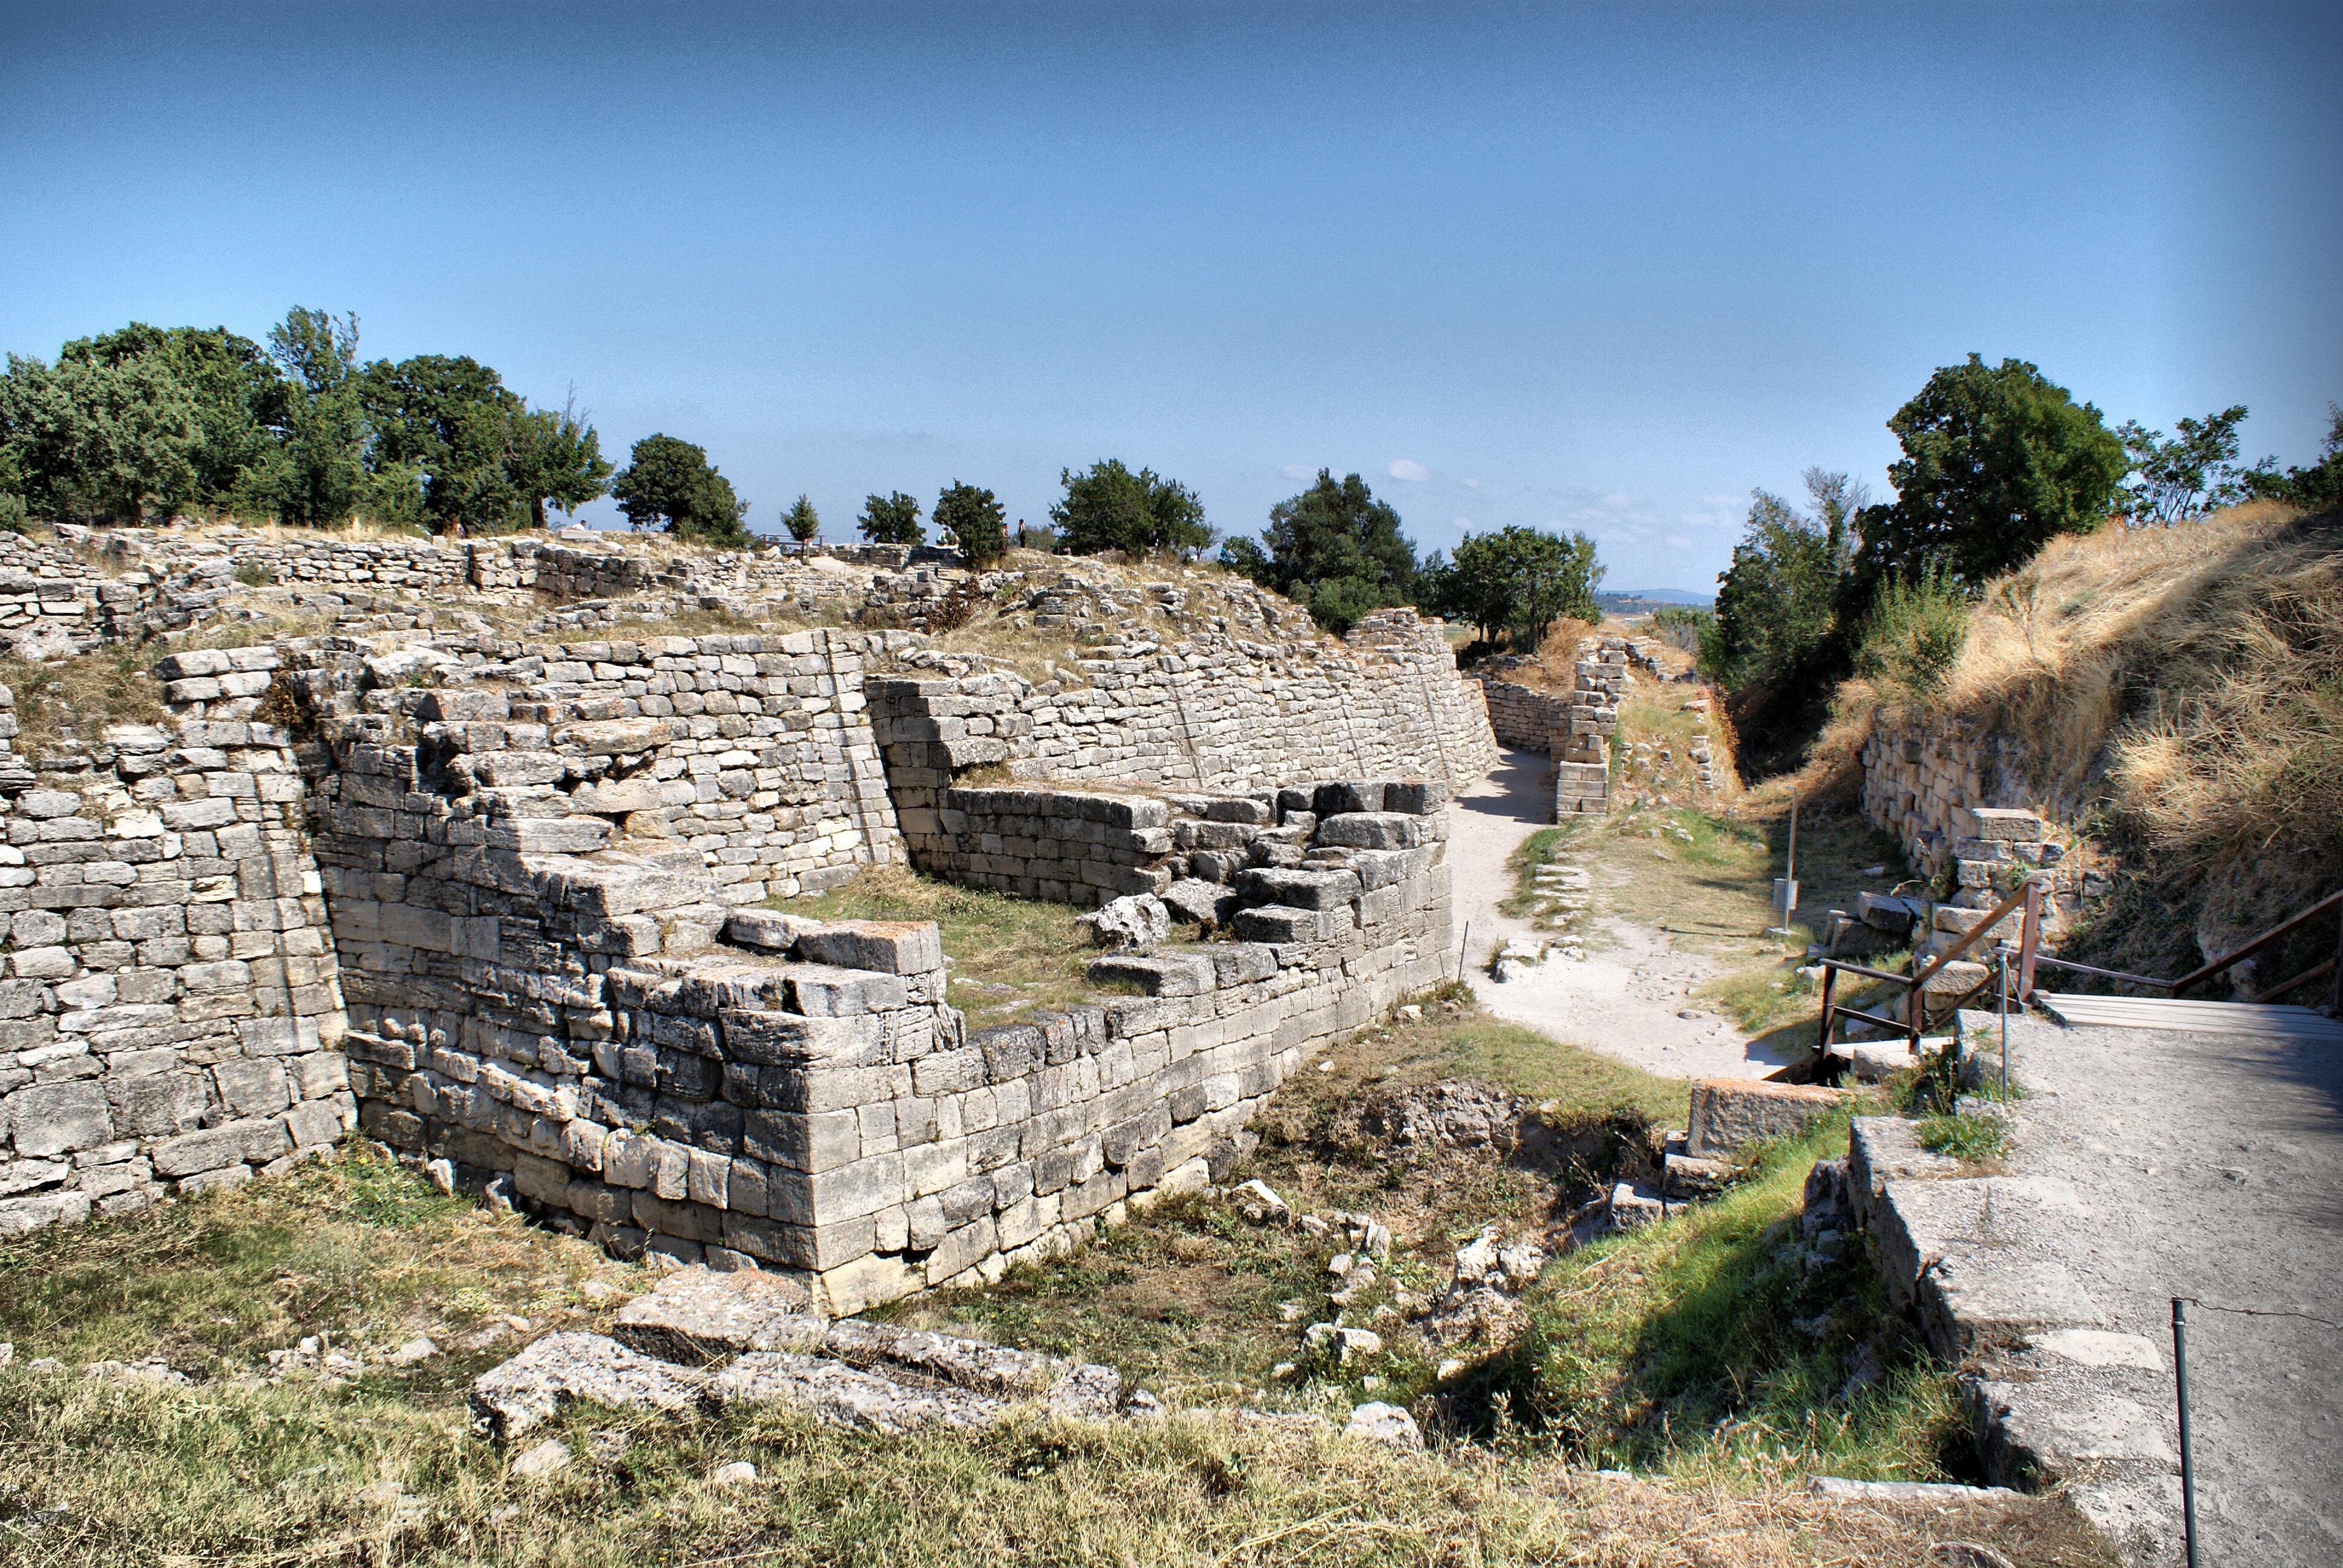 File:Ruins of Troy.jpg